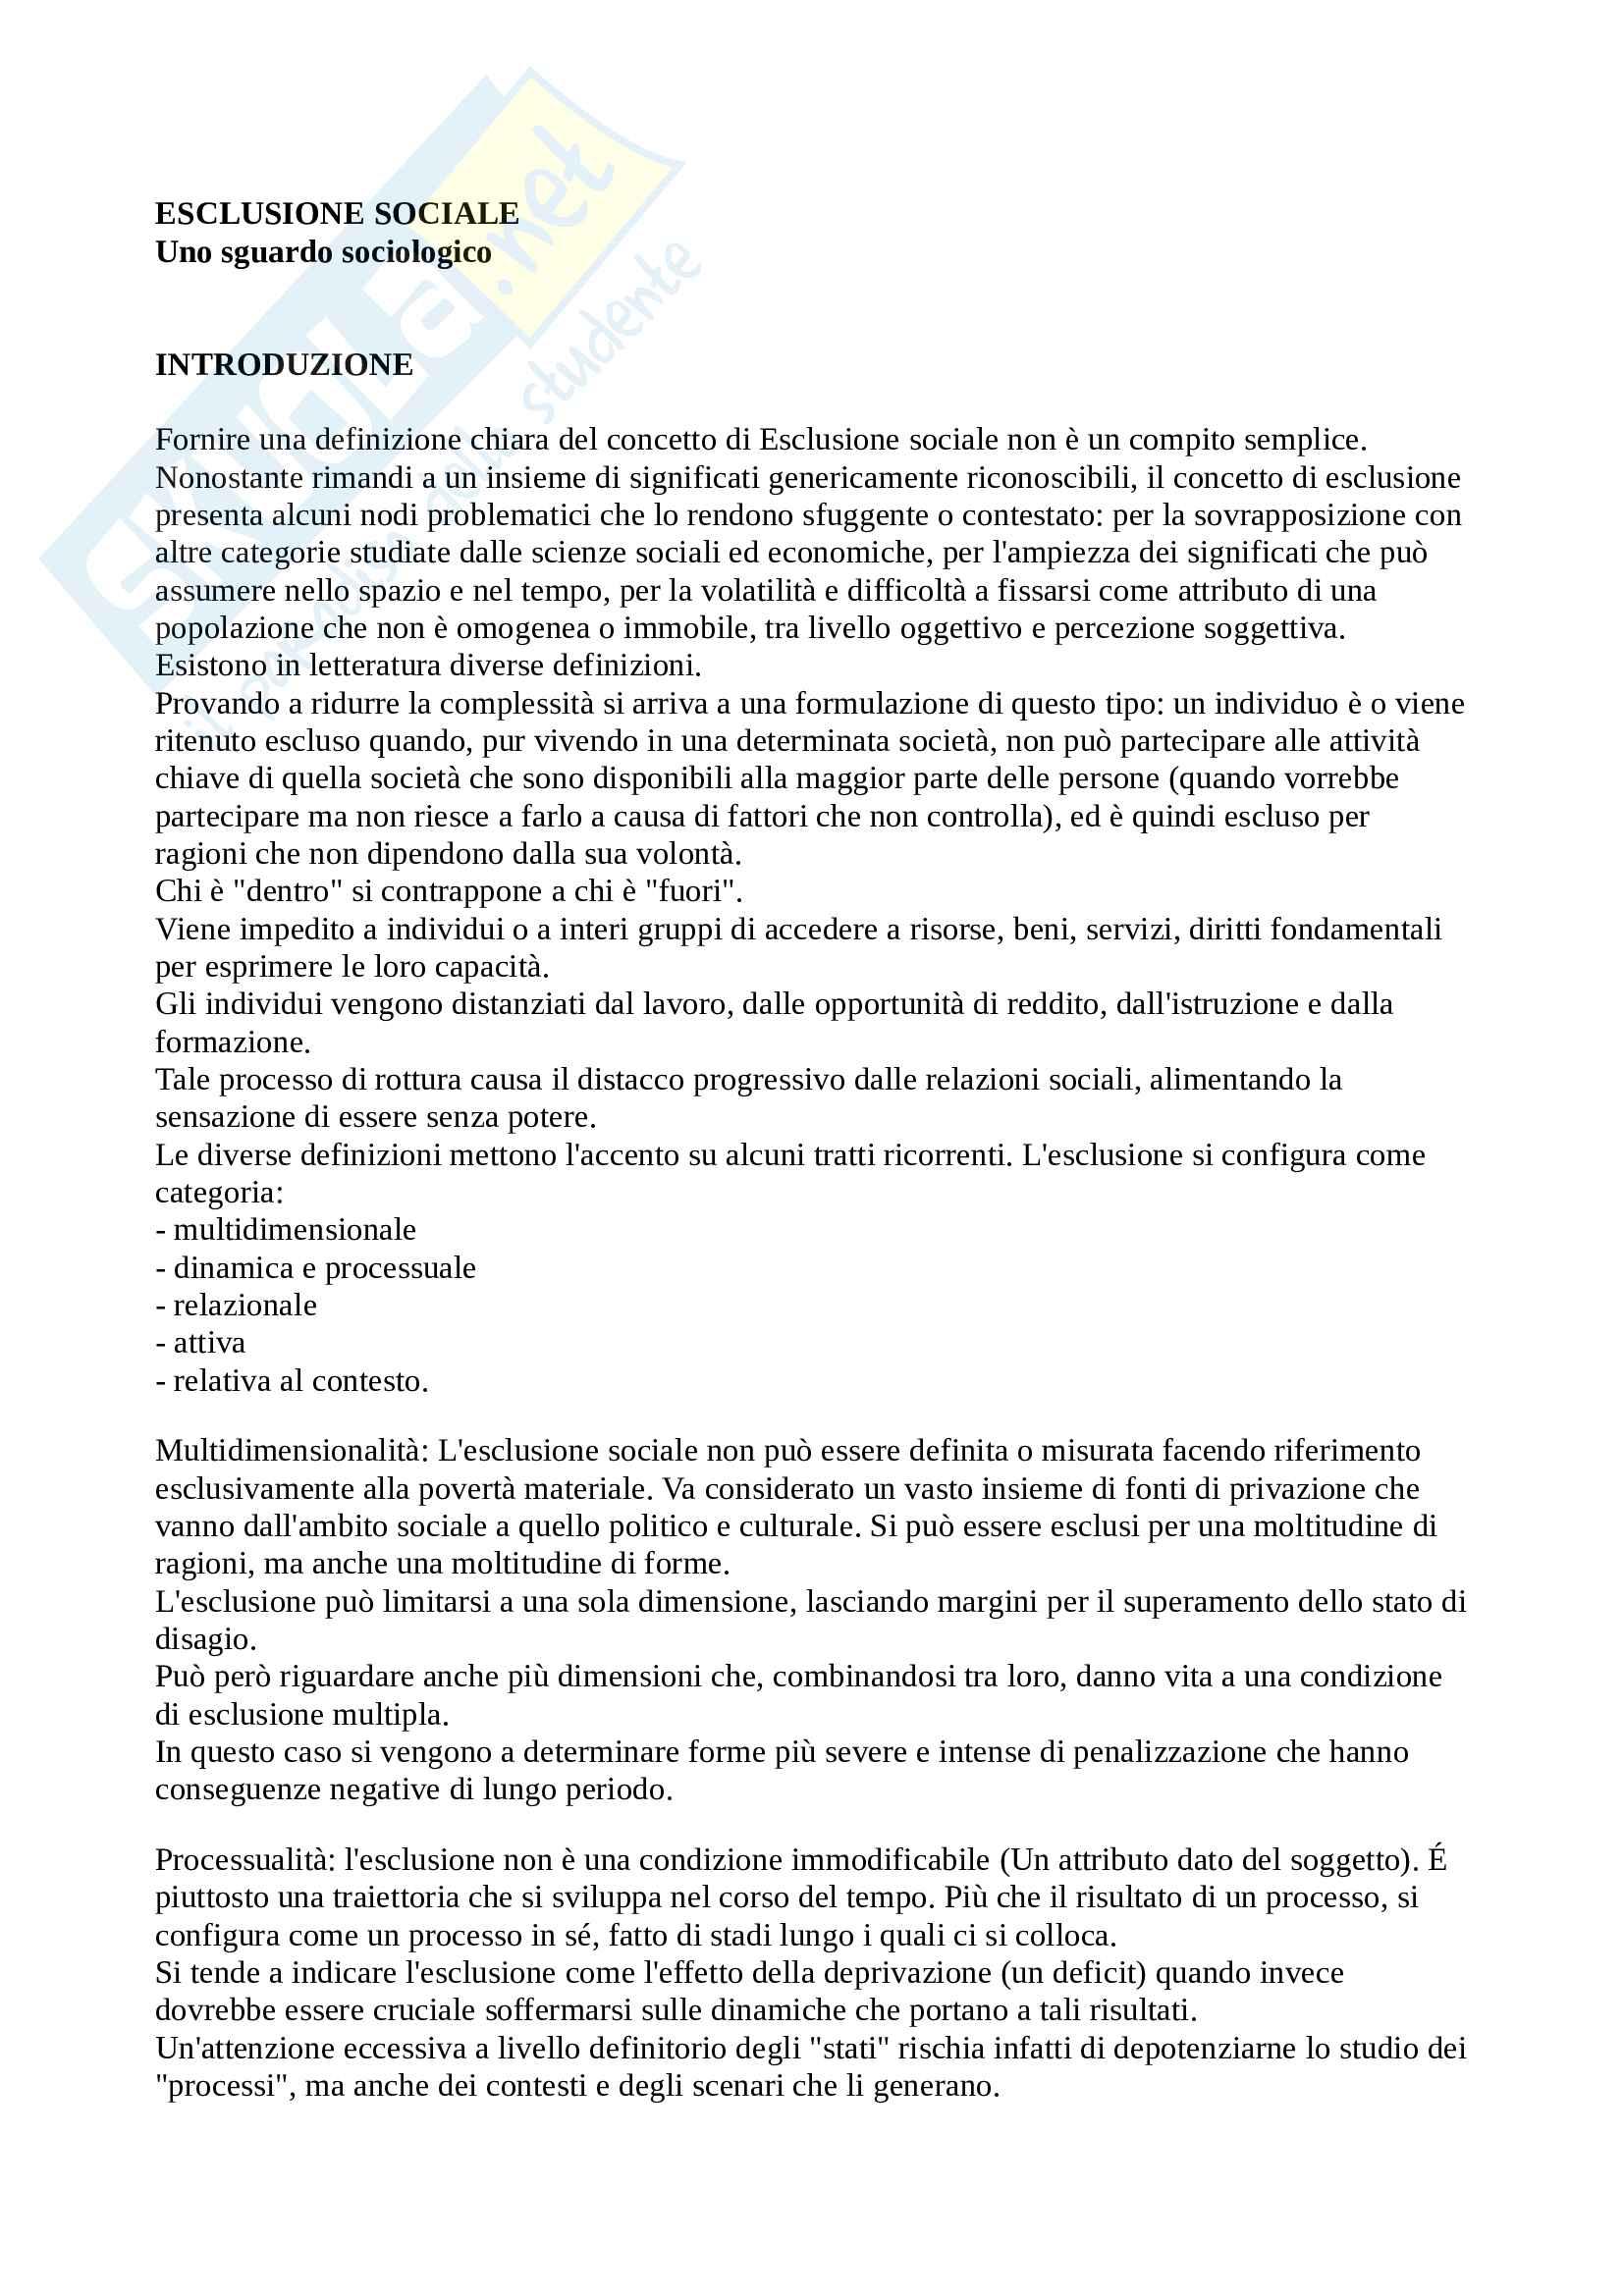 Riassunto esame Sociologia dei processi inclusione ed esclusione sociale, prof Tuorto, libro consigliato Esclusione Sociale, Tuorto